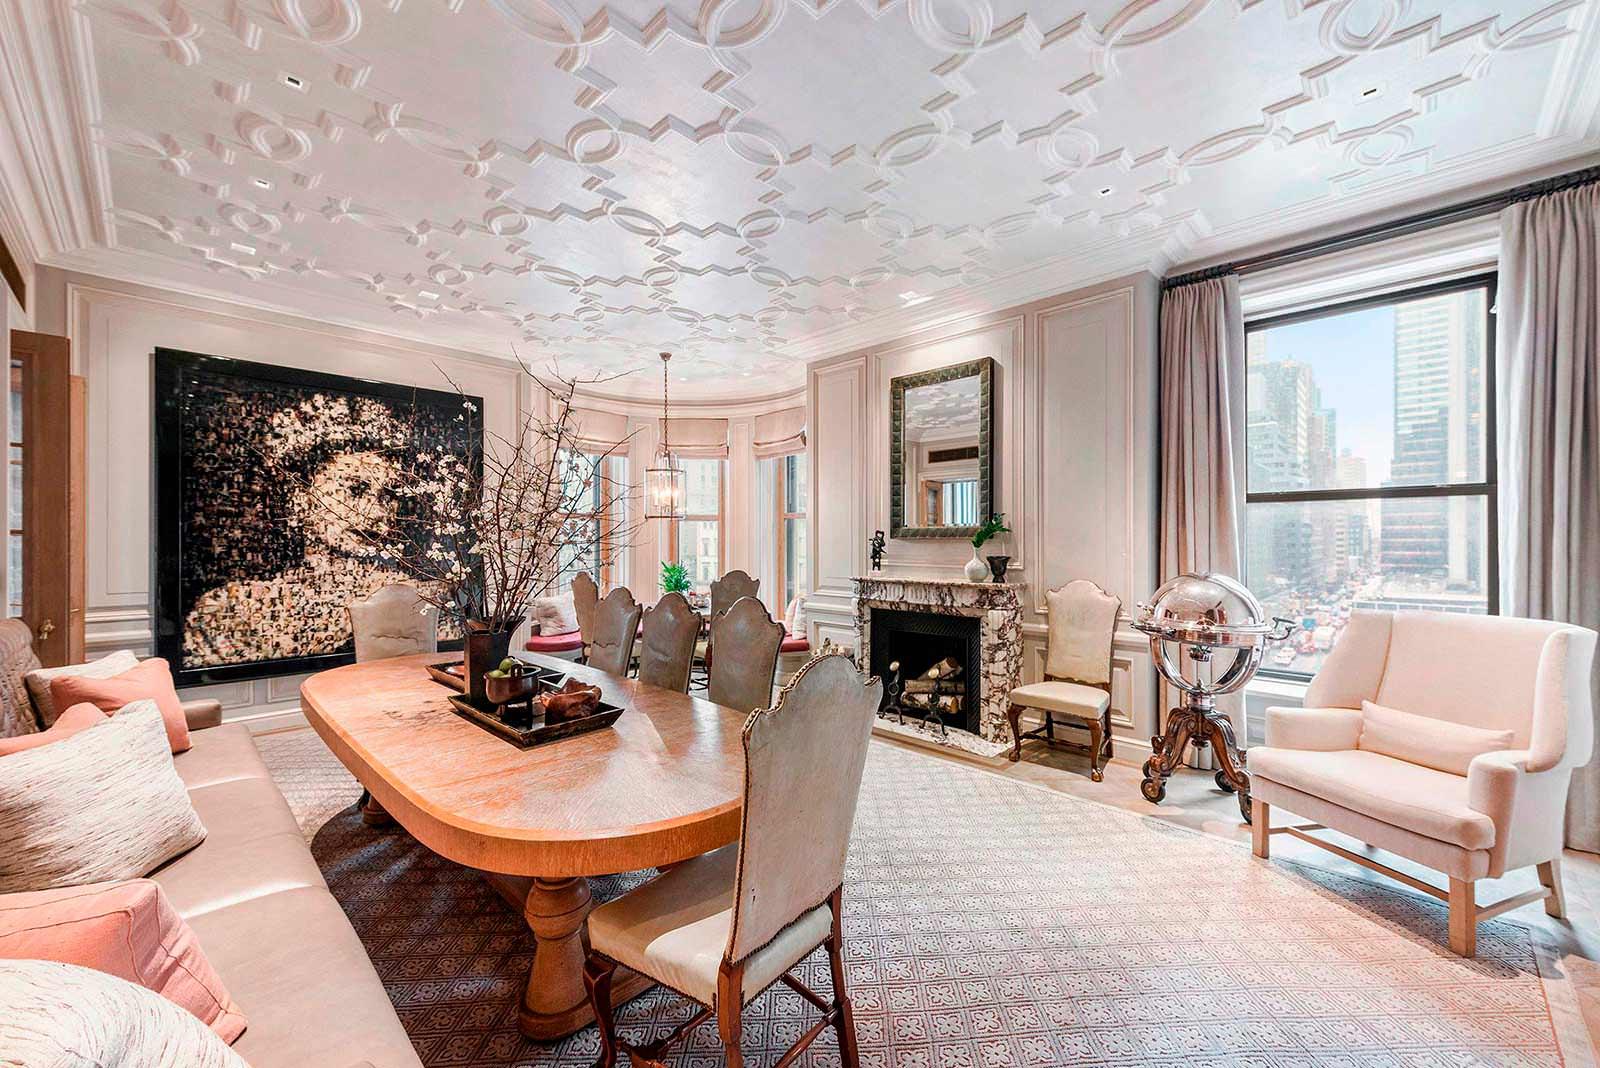 Гостиная с мраморным камином в отеле «Плаза» на Манхэттене